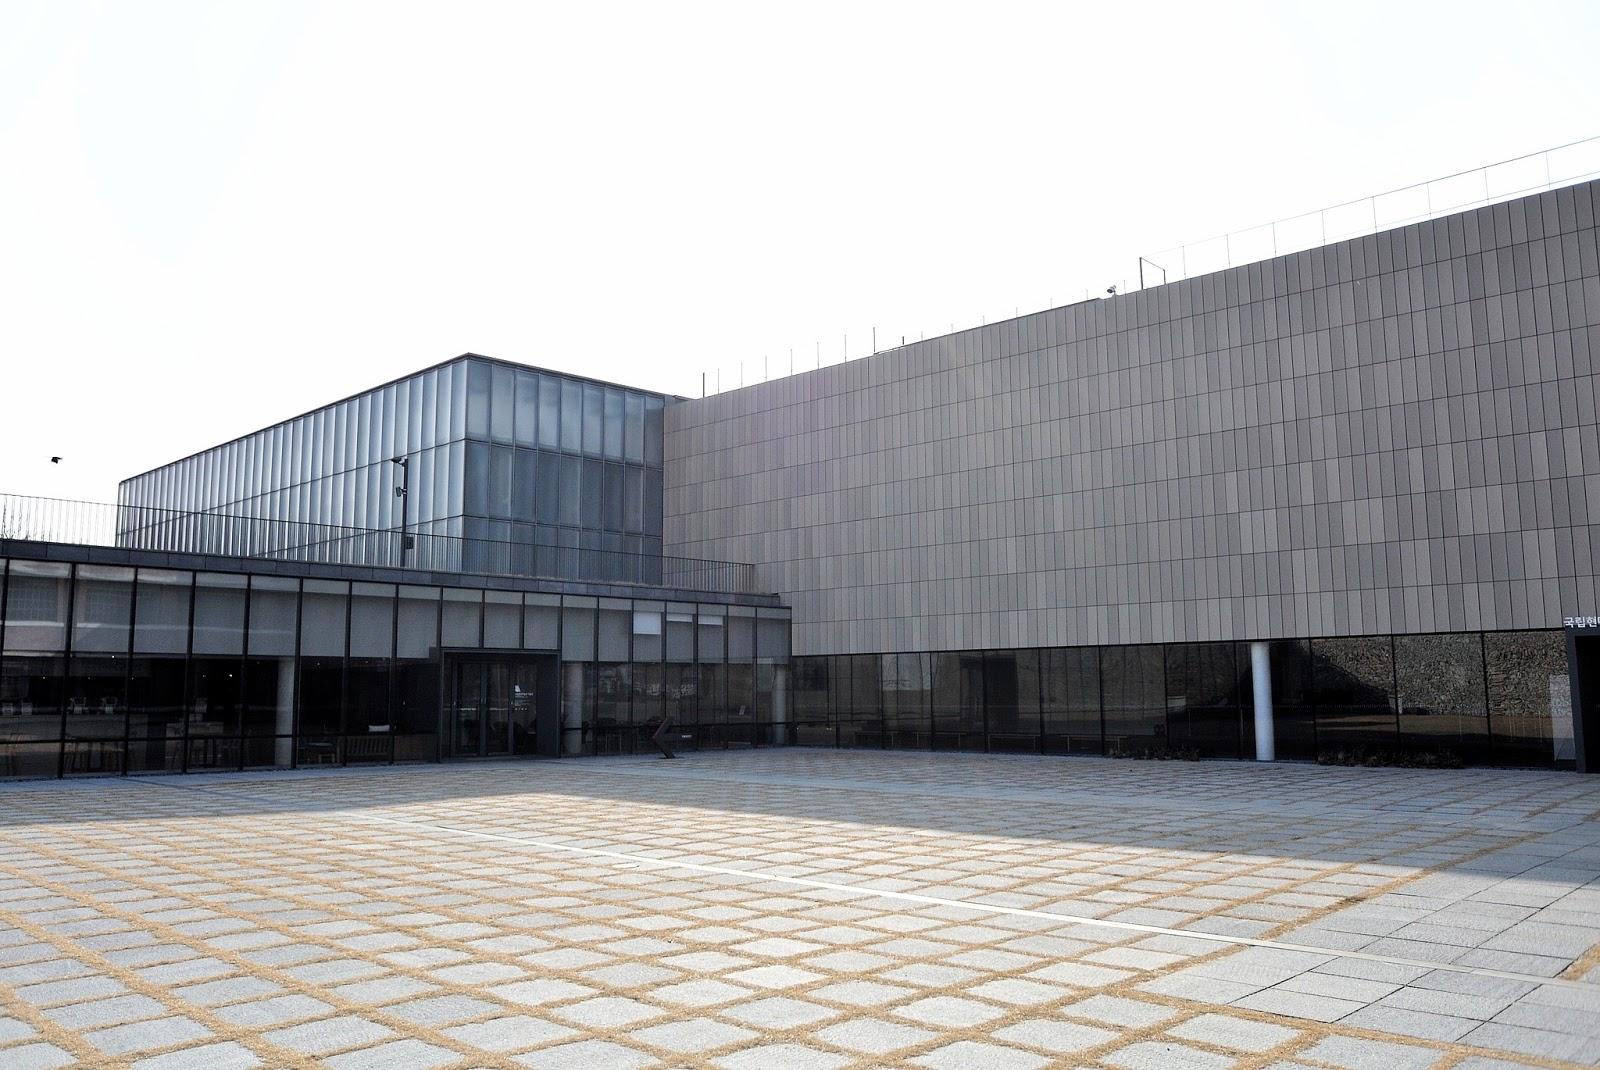 국립현대미술관 서울관 & 수성동계곡 (National Museum of Modern and ...